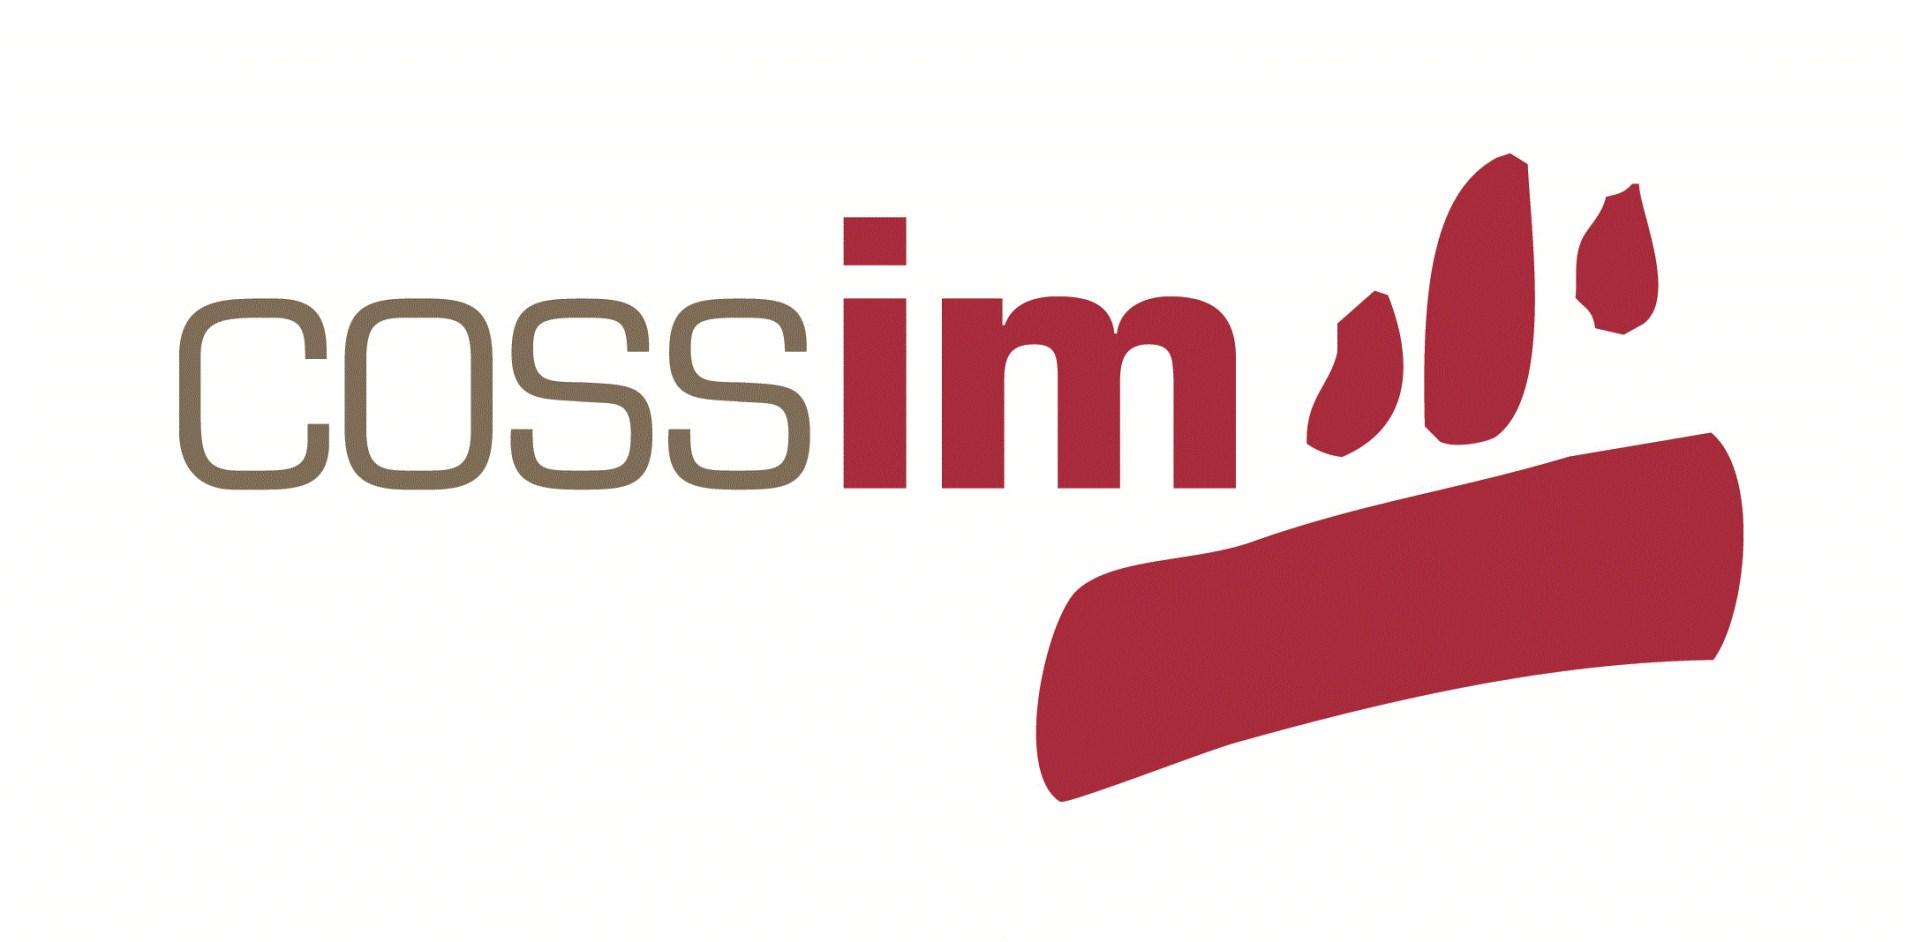 Cossim agence immobili re boulogne billancourt for Agence immobiliere 3f boulogne billancourt